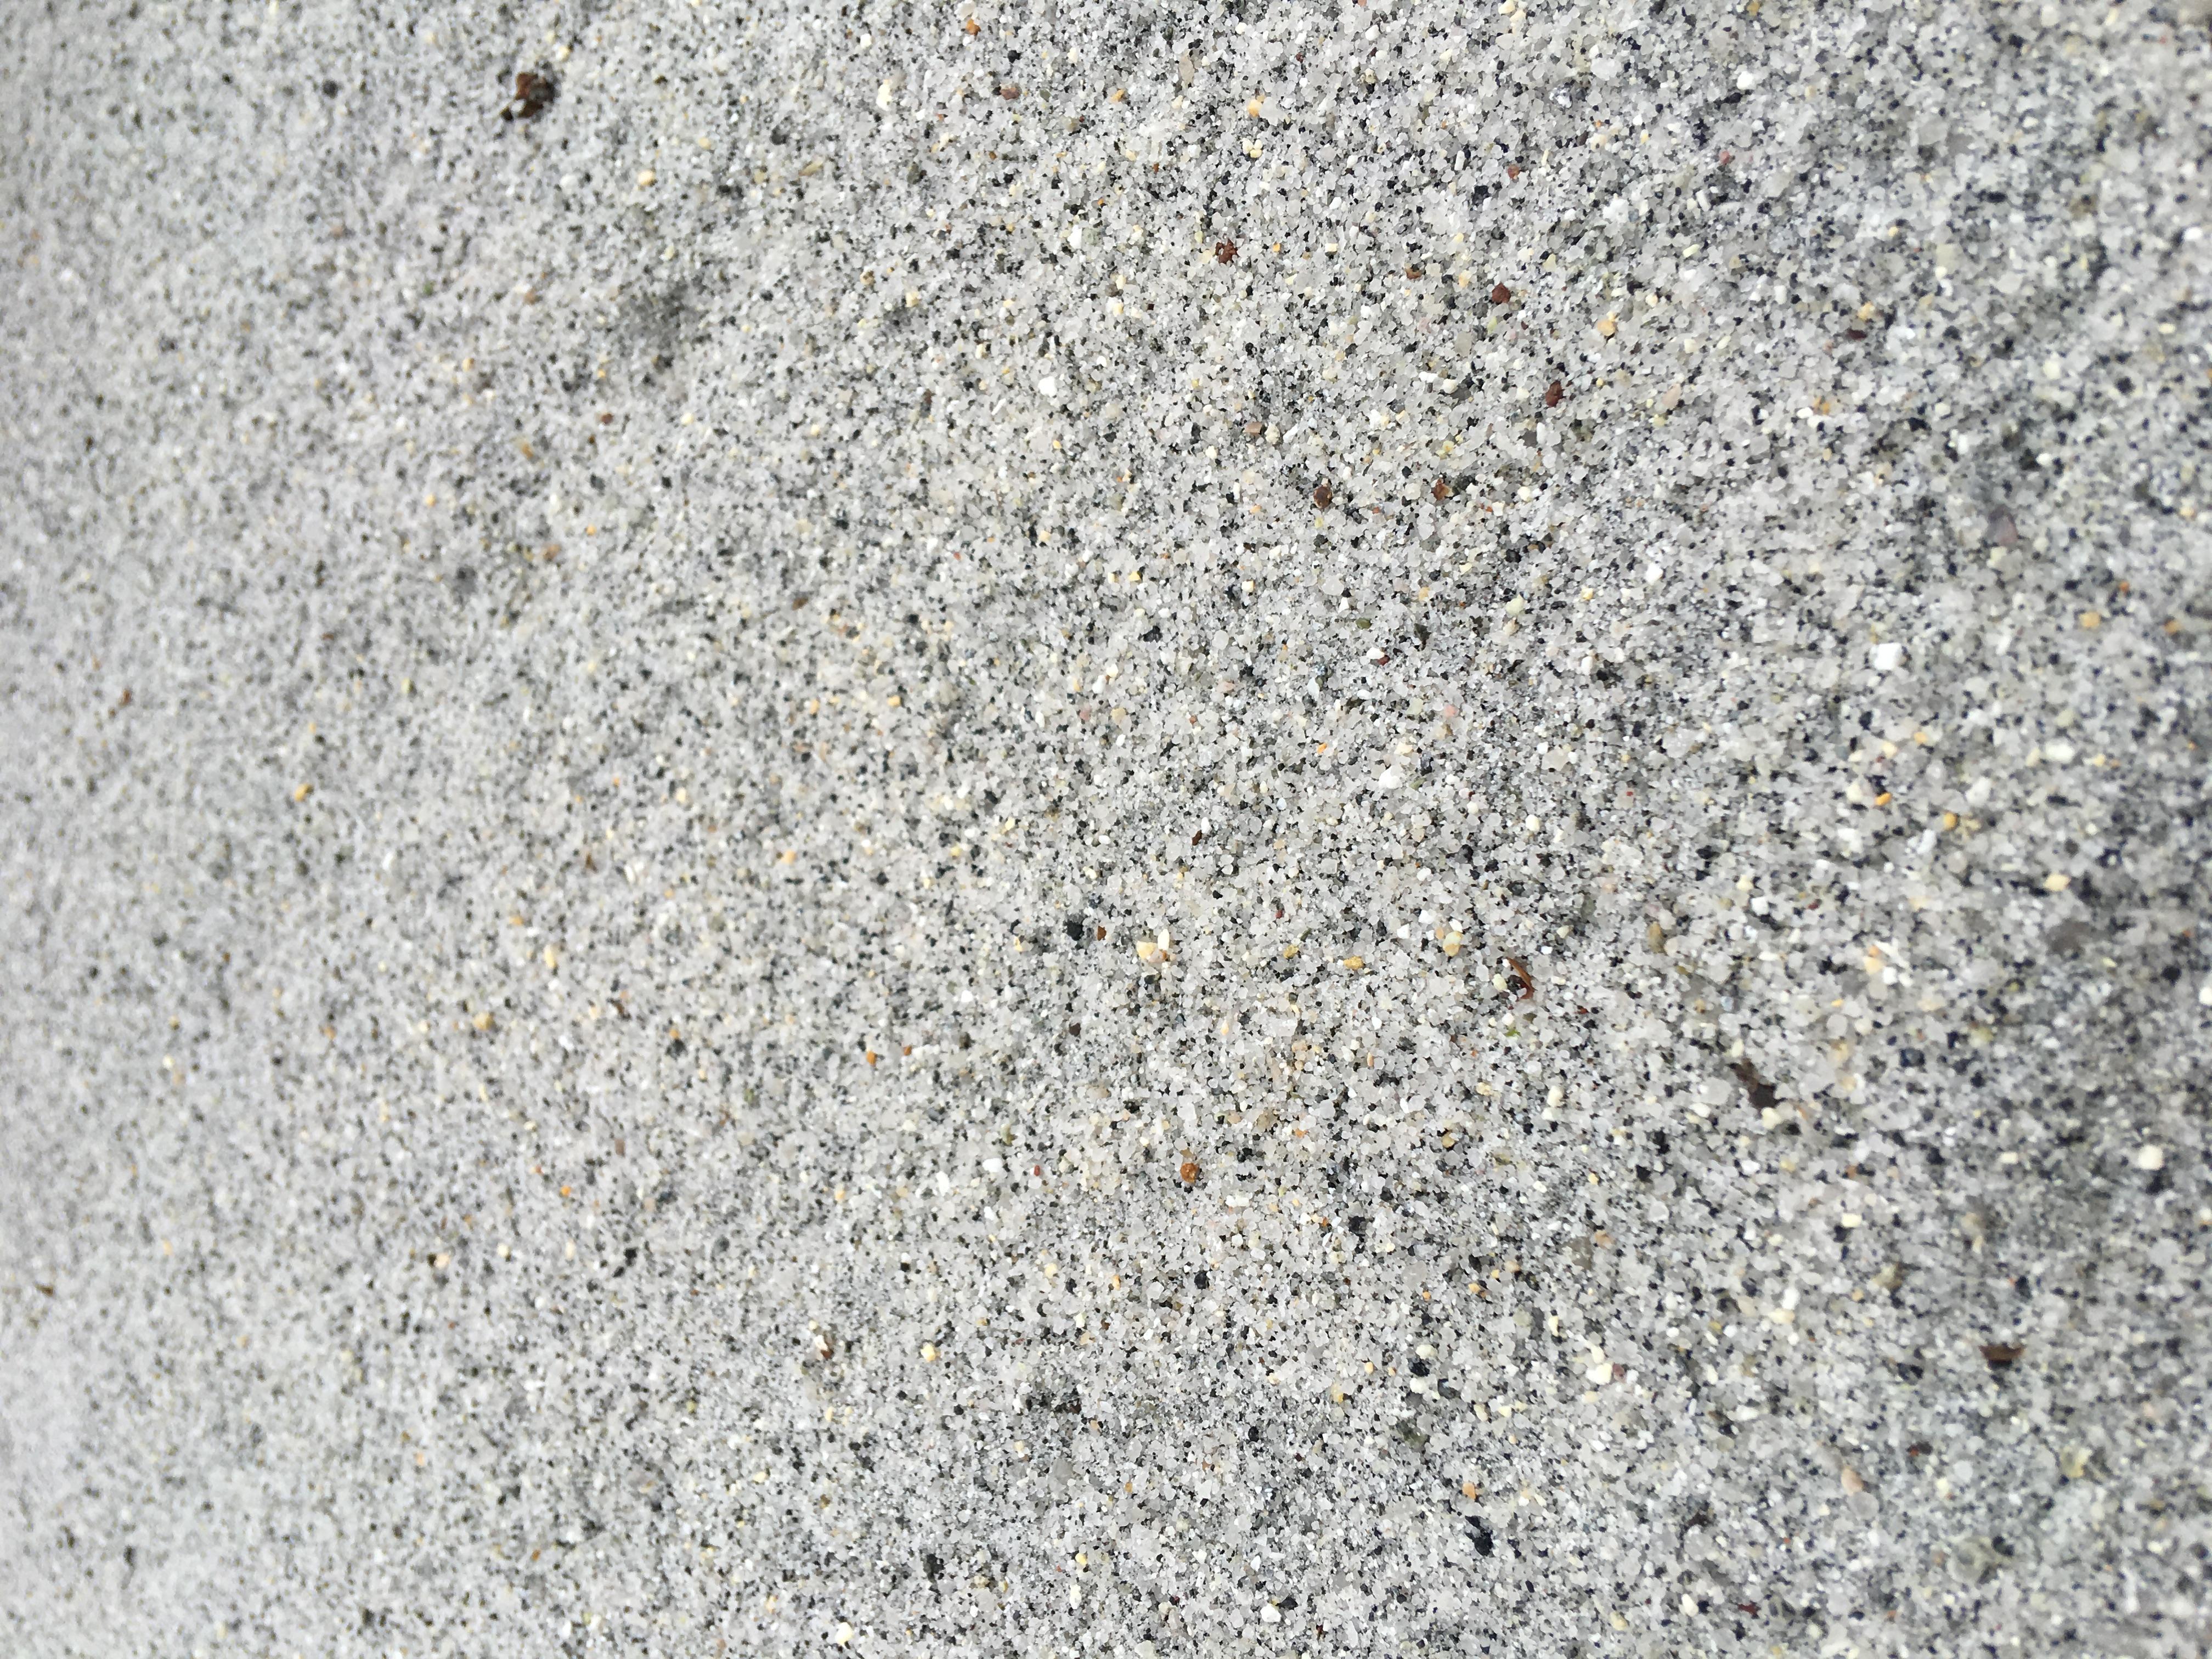 Silver Sand & Fine Silver Sand